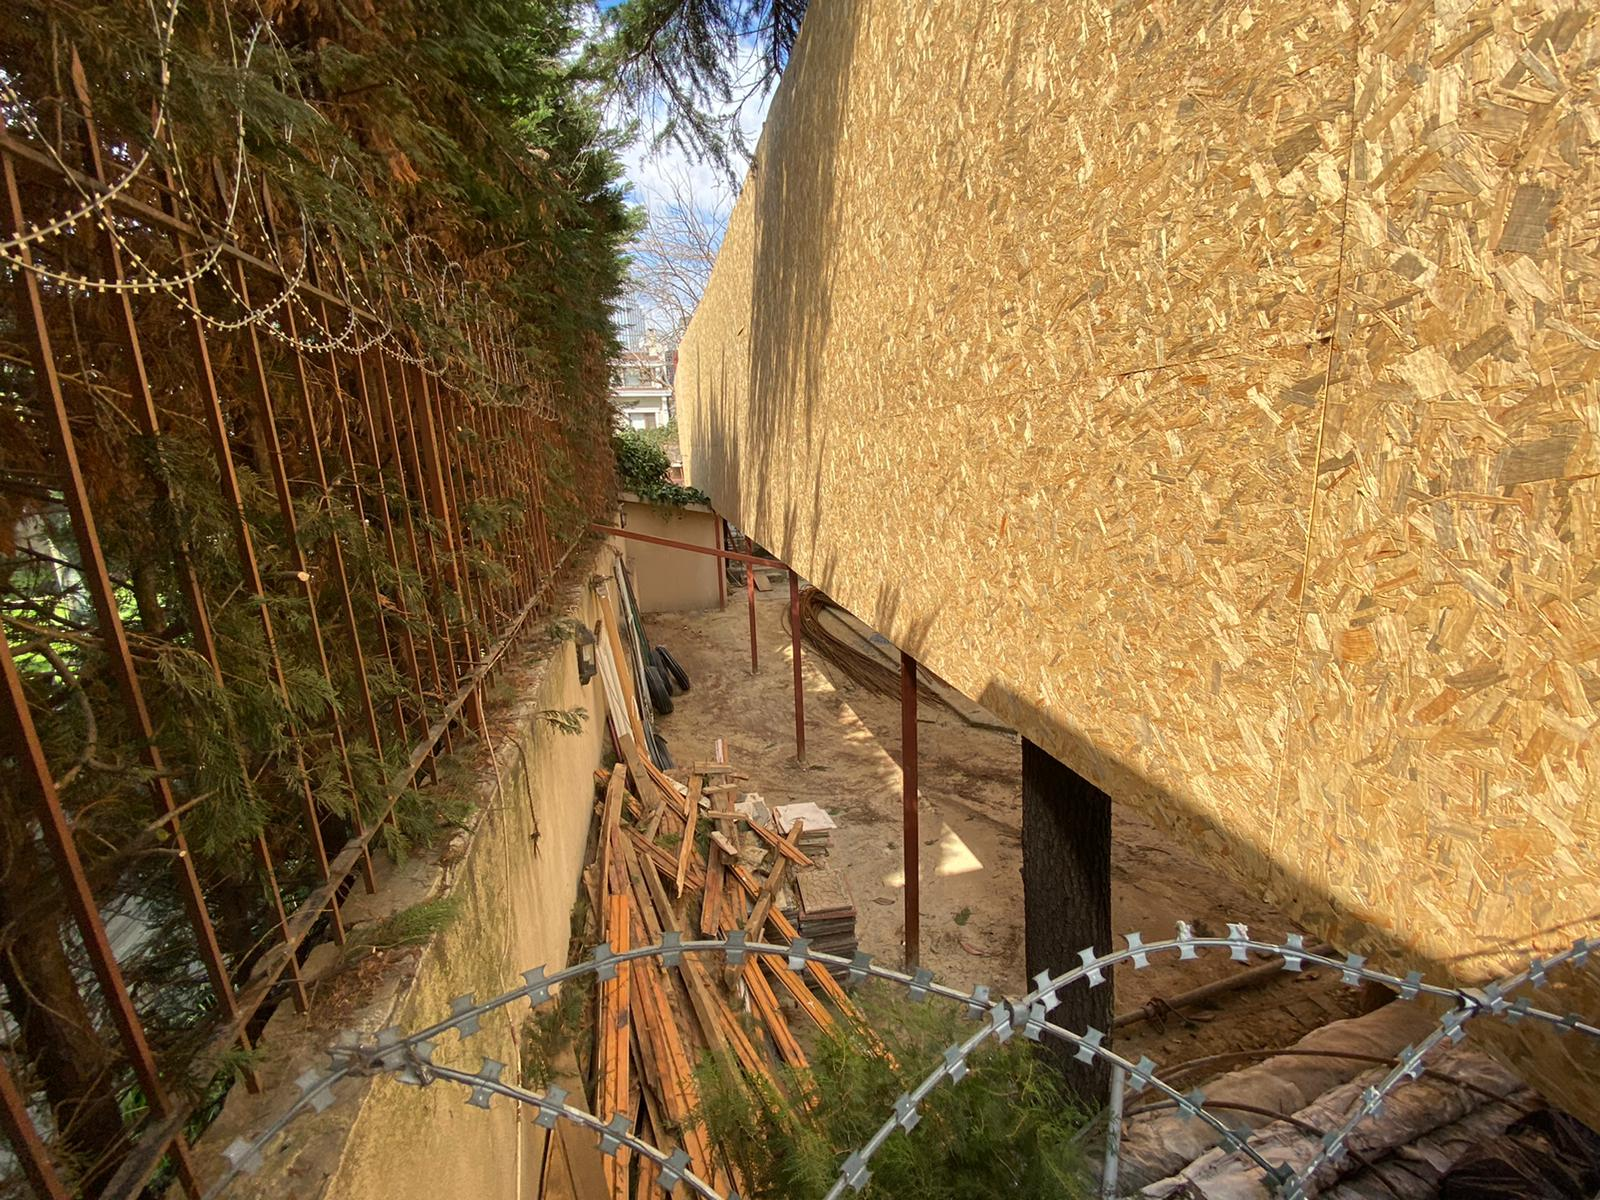 Sosyetik dişçi Emek Külür'ün Levent'teki kaçak inşaatına Beşiktaş Belediyesi'nden mühür